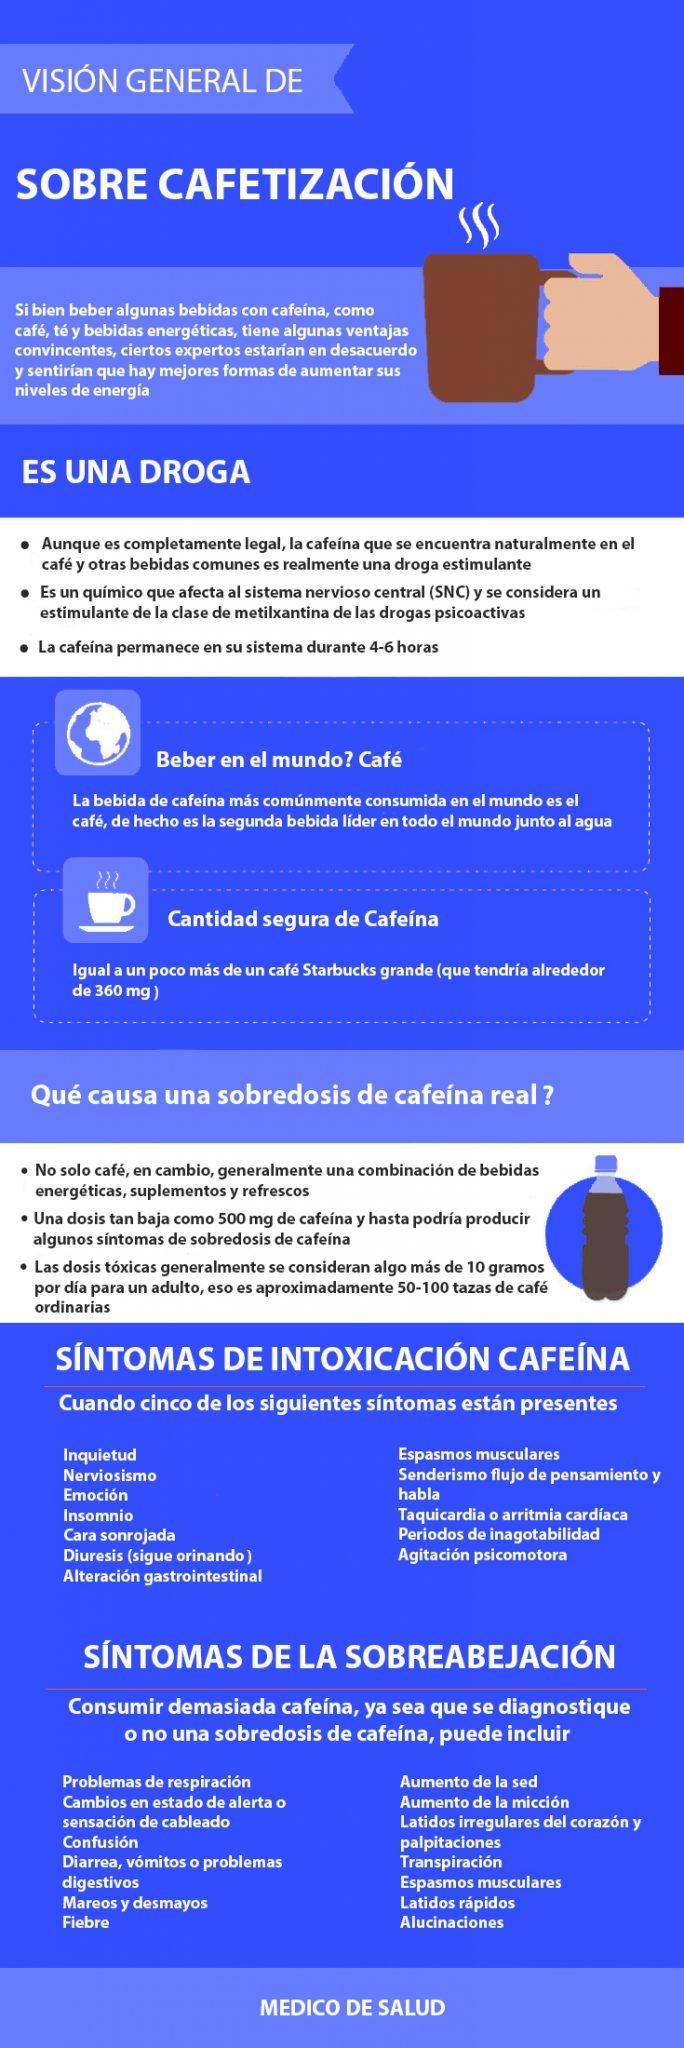 Café, es bueno tomarlo? Efectos, Beneficios, Perjuicios y Propiedades café, es bueno tomarlo? efectos, beneficios, perjuicios y propiedades Café, es bueno tomarlo? Efectos, Beneficios, Perjuicios y Propiedades Caf   es bueno tomarlo Efectos Beneficios Perjuicios y Propiedades